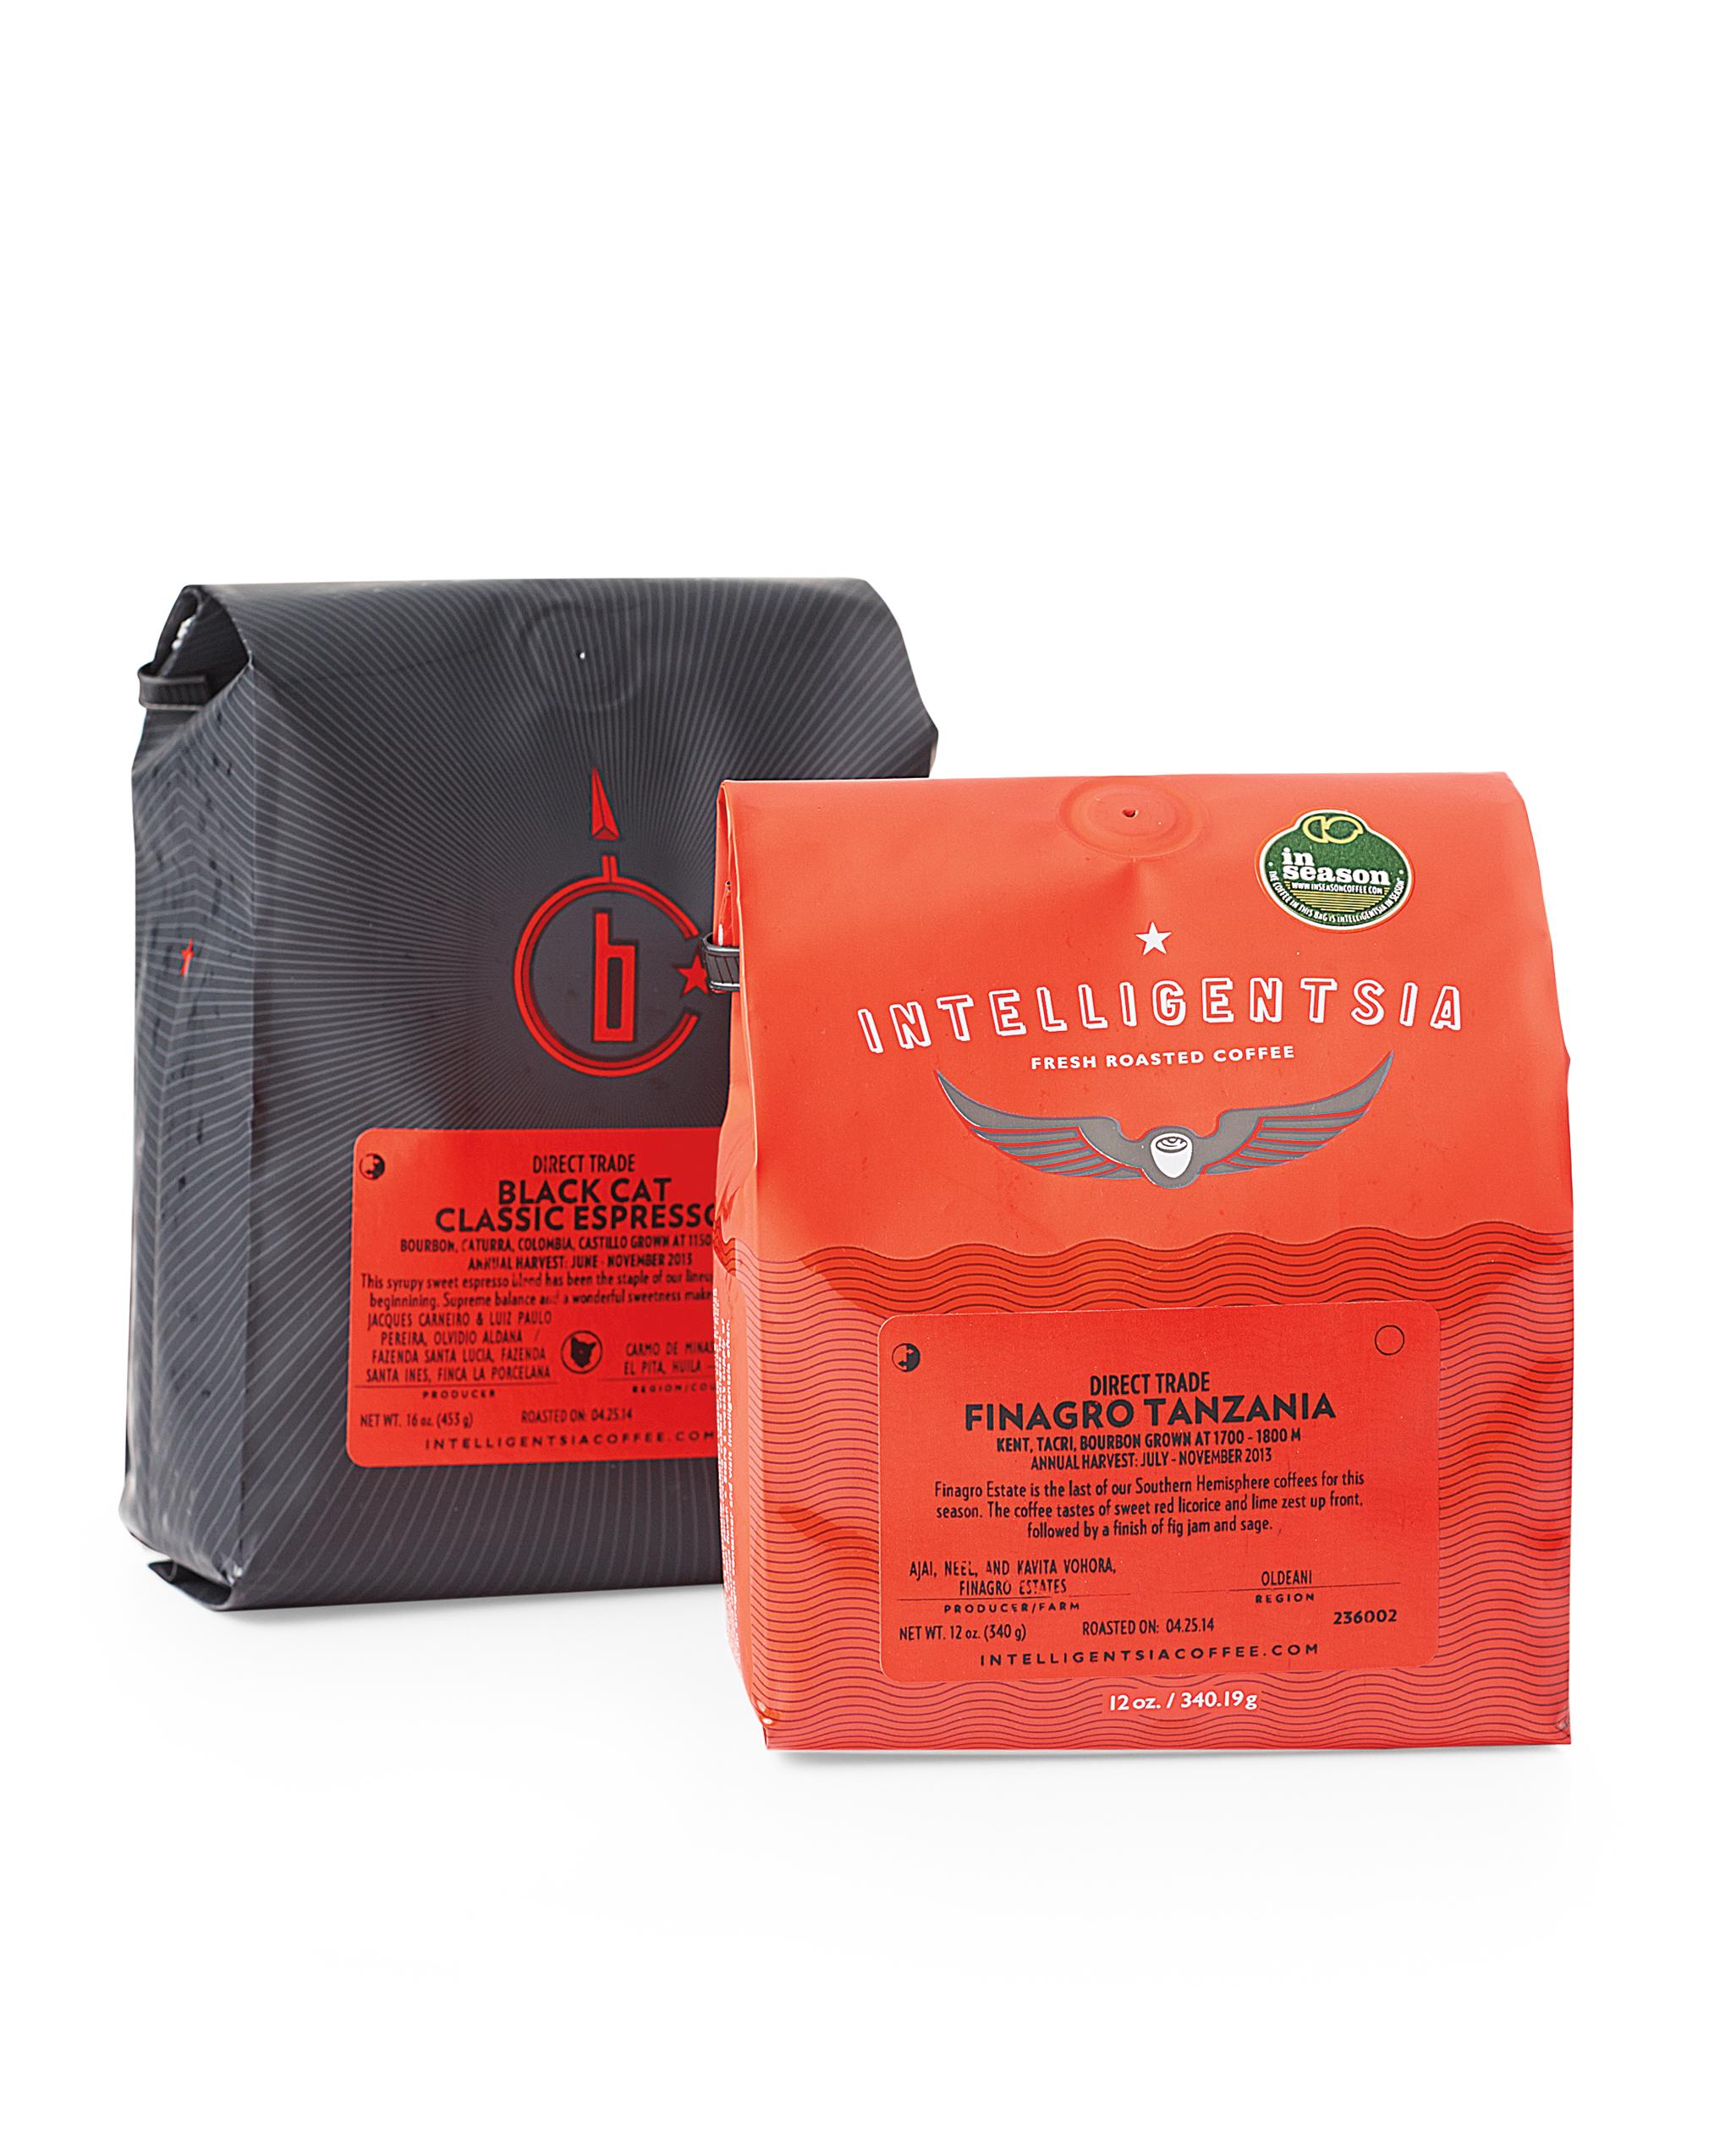 intelligentsia-coffee-015-d111253.jpg